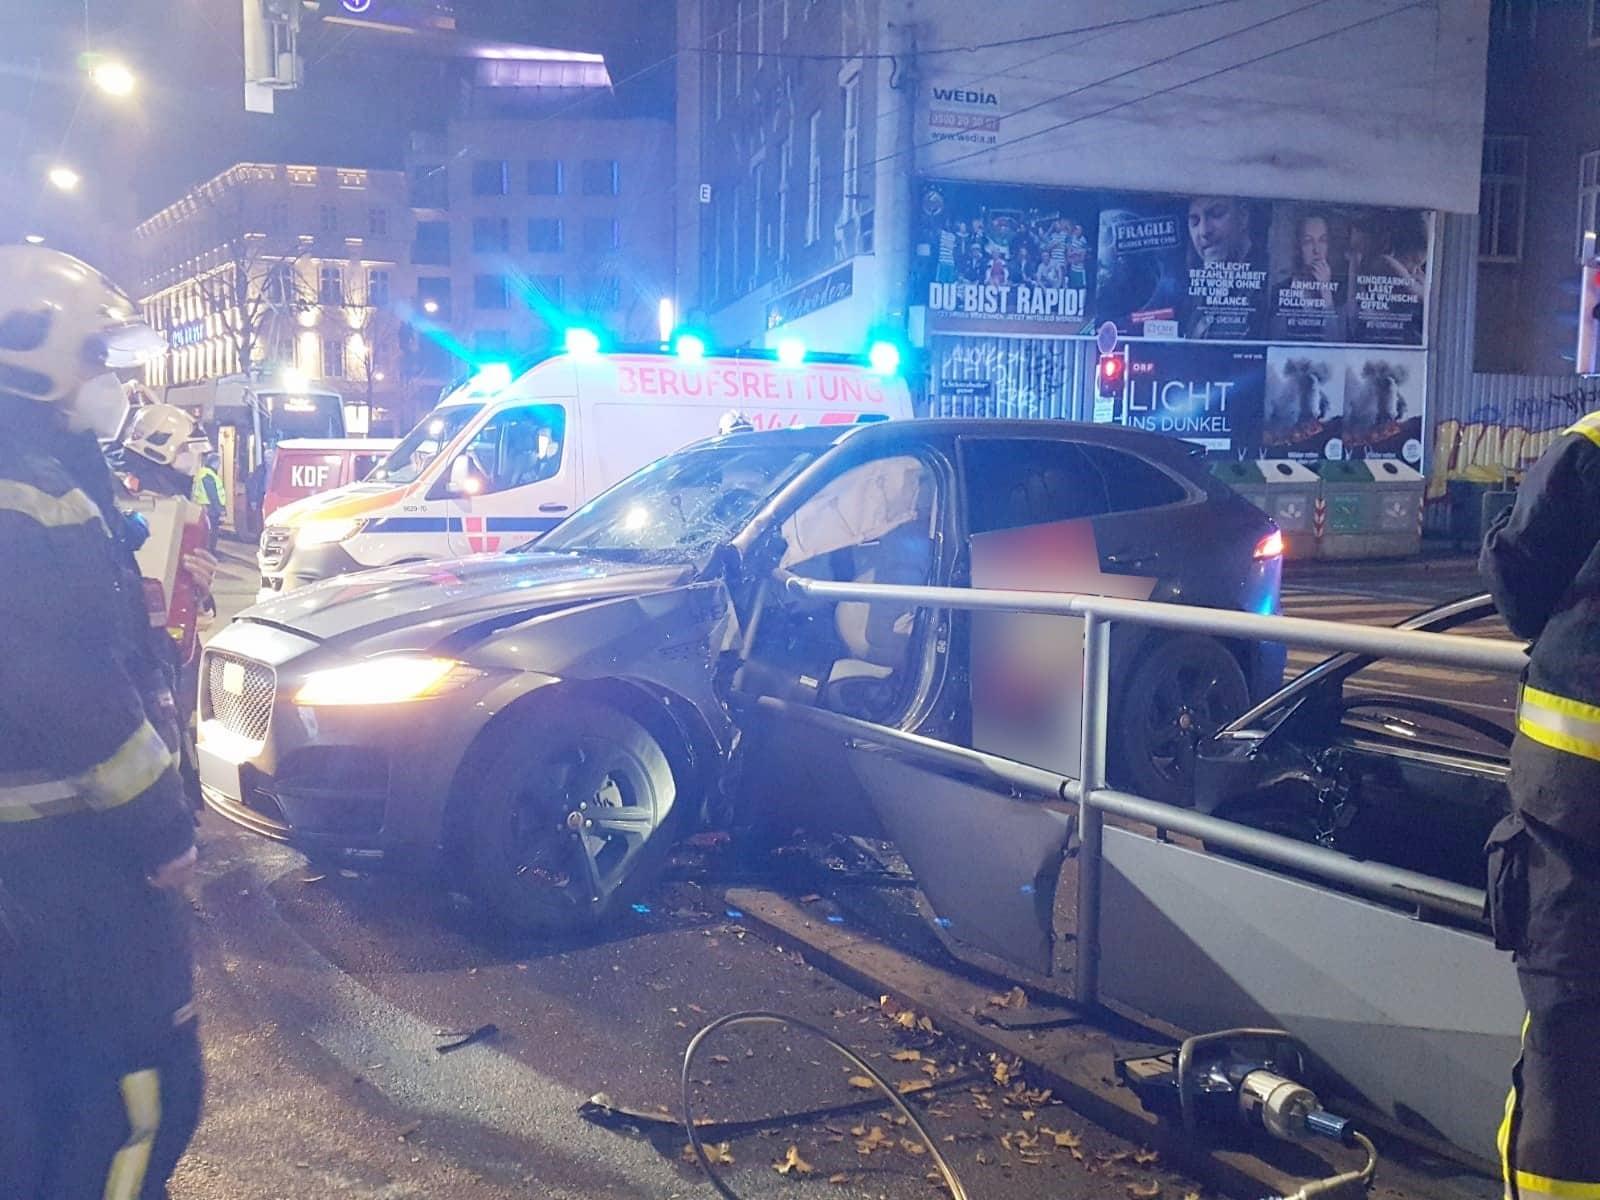 Verkehrsunfall in Wien - Wieden